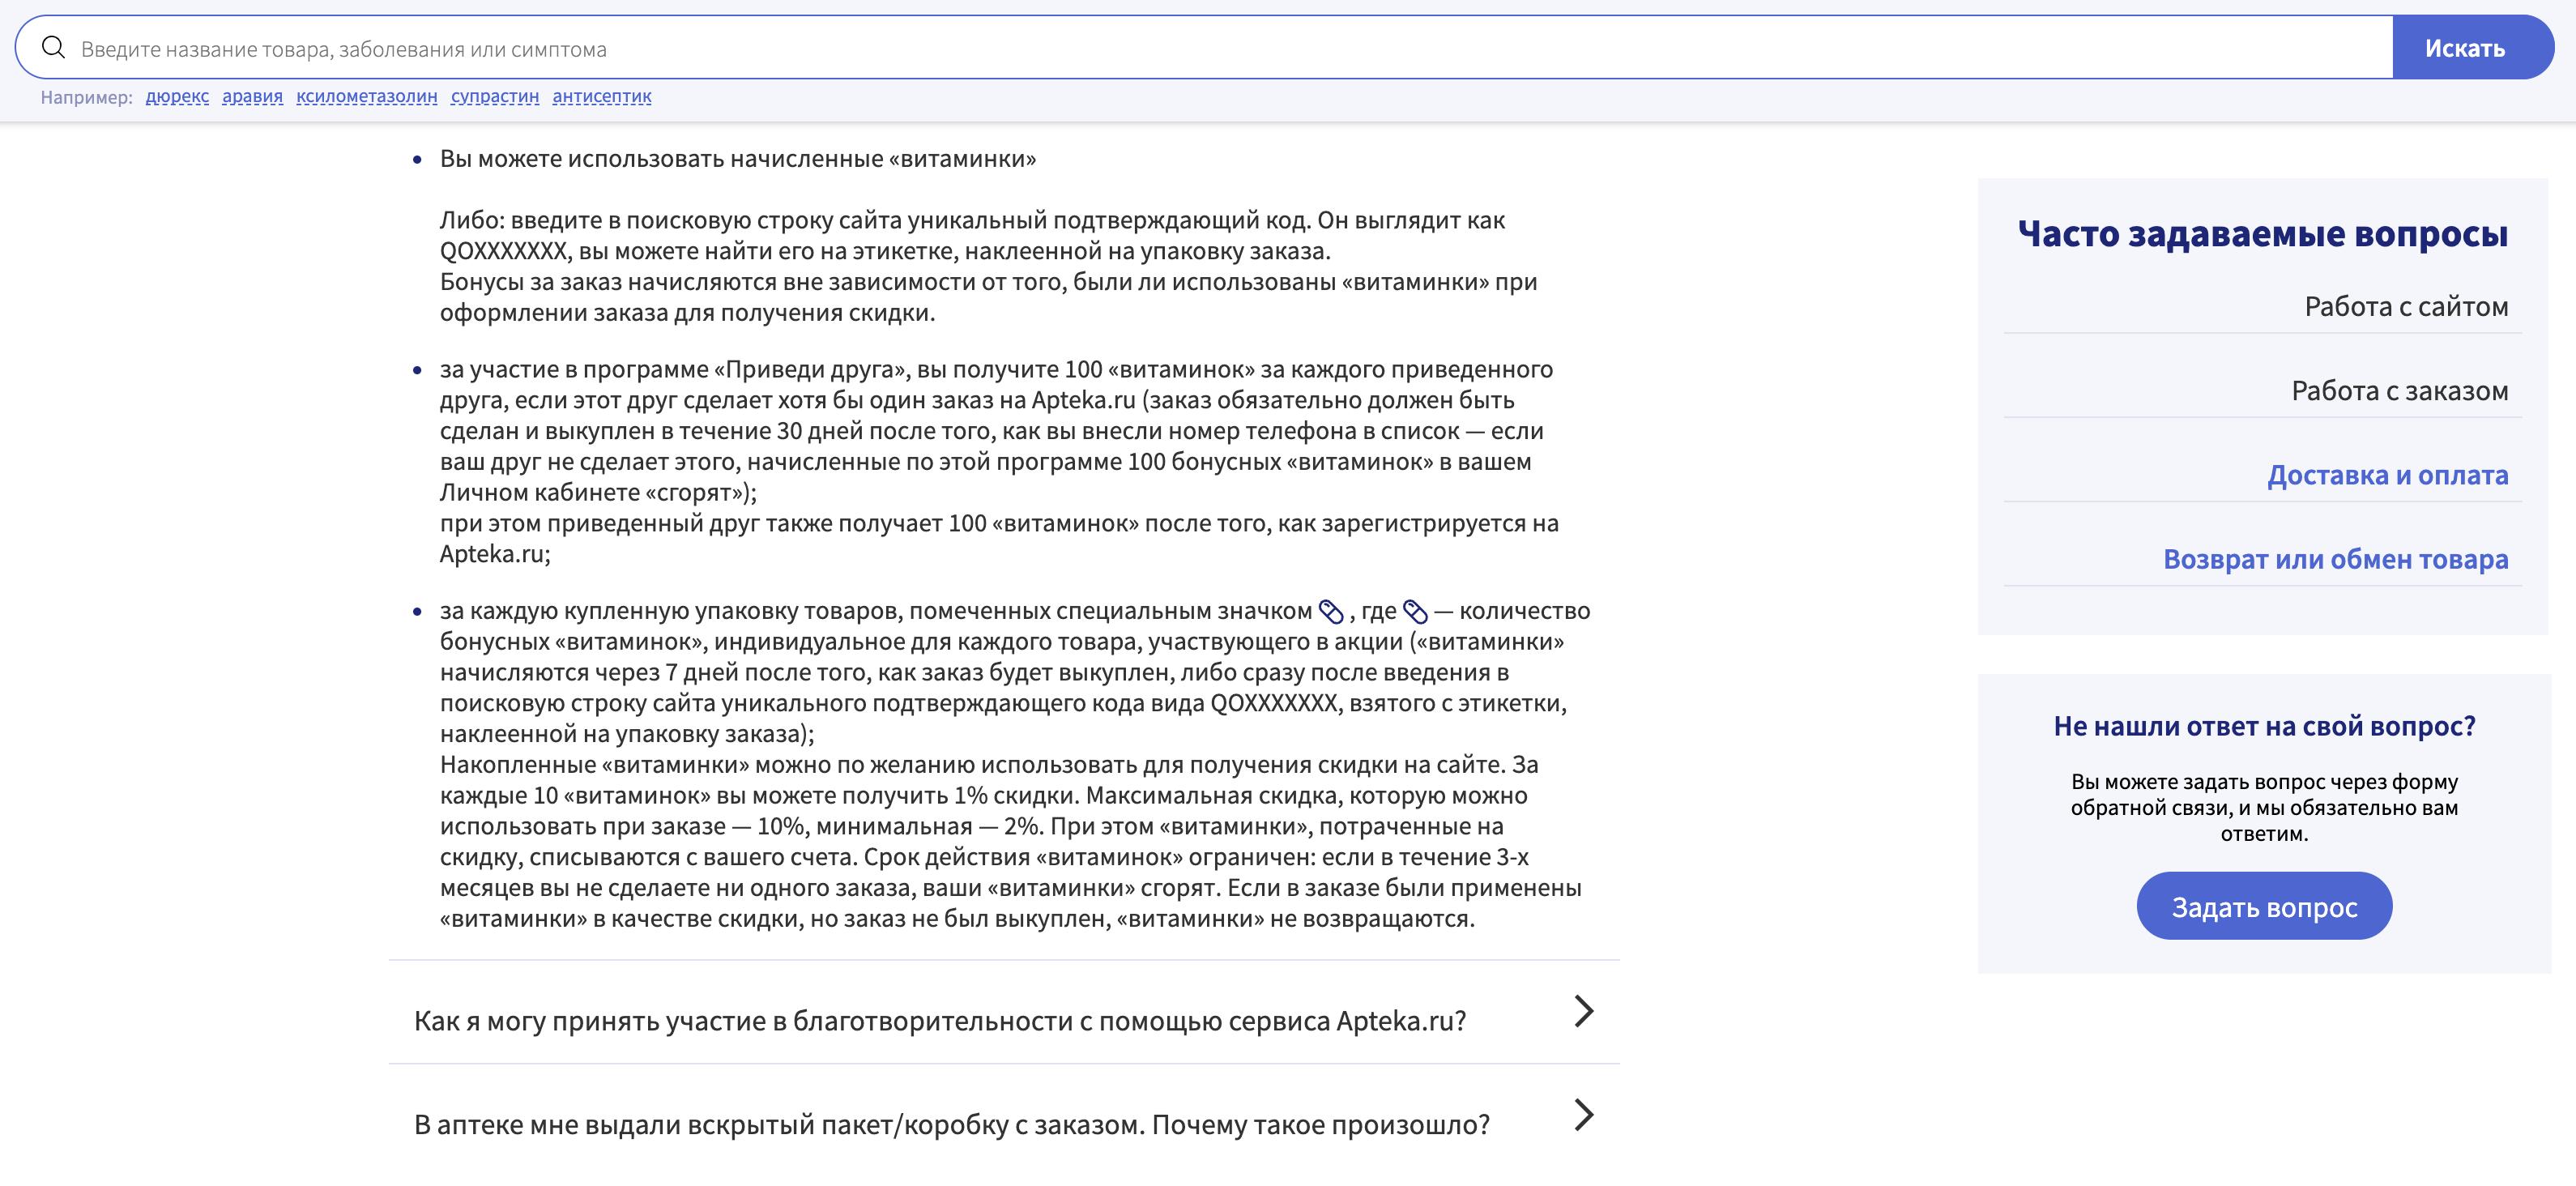 Как активировать бонусы витаминки на сайте Apteka.ru